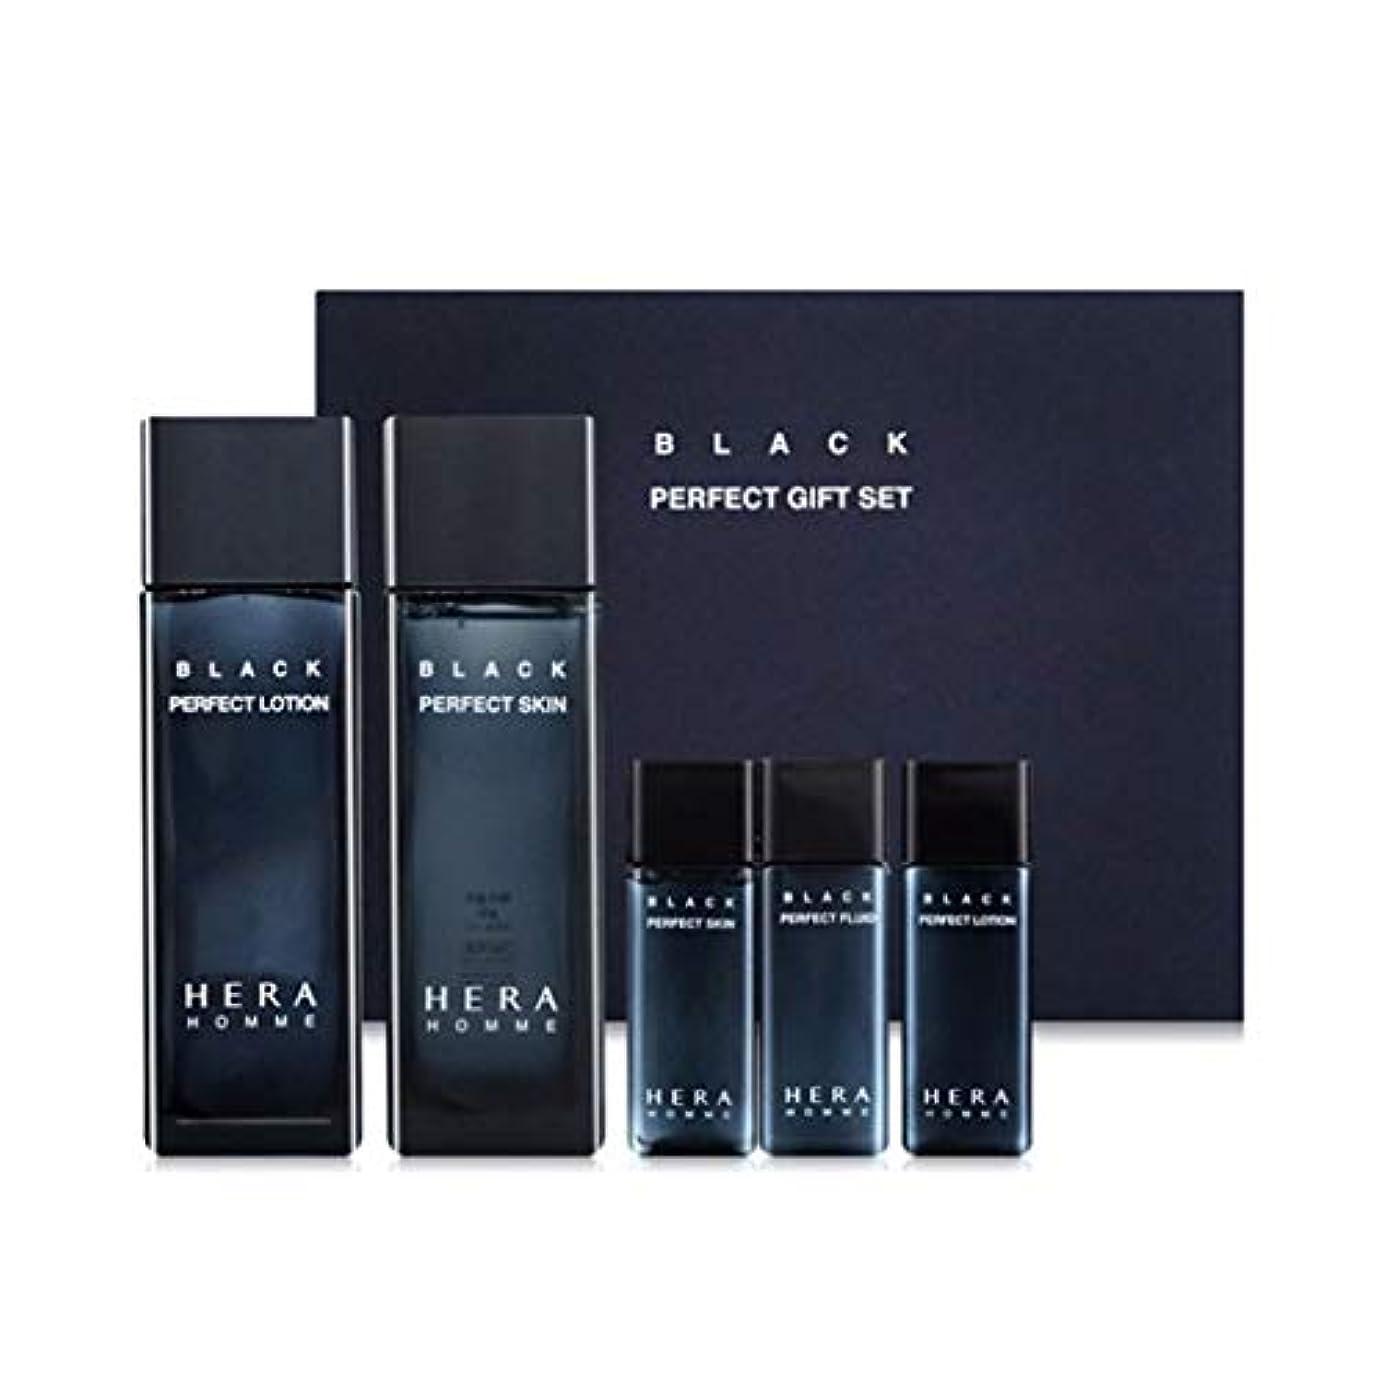 ハブ事検出器ヘラオムブラックパーフェクトスキンローションセットメンズコスメ韓国コスメ、Hera Homme Black Perfect Skin Lotion Set Men's Cosmetics Korean Cosmetics [並行輸入品]